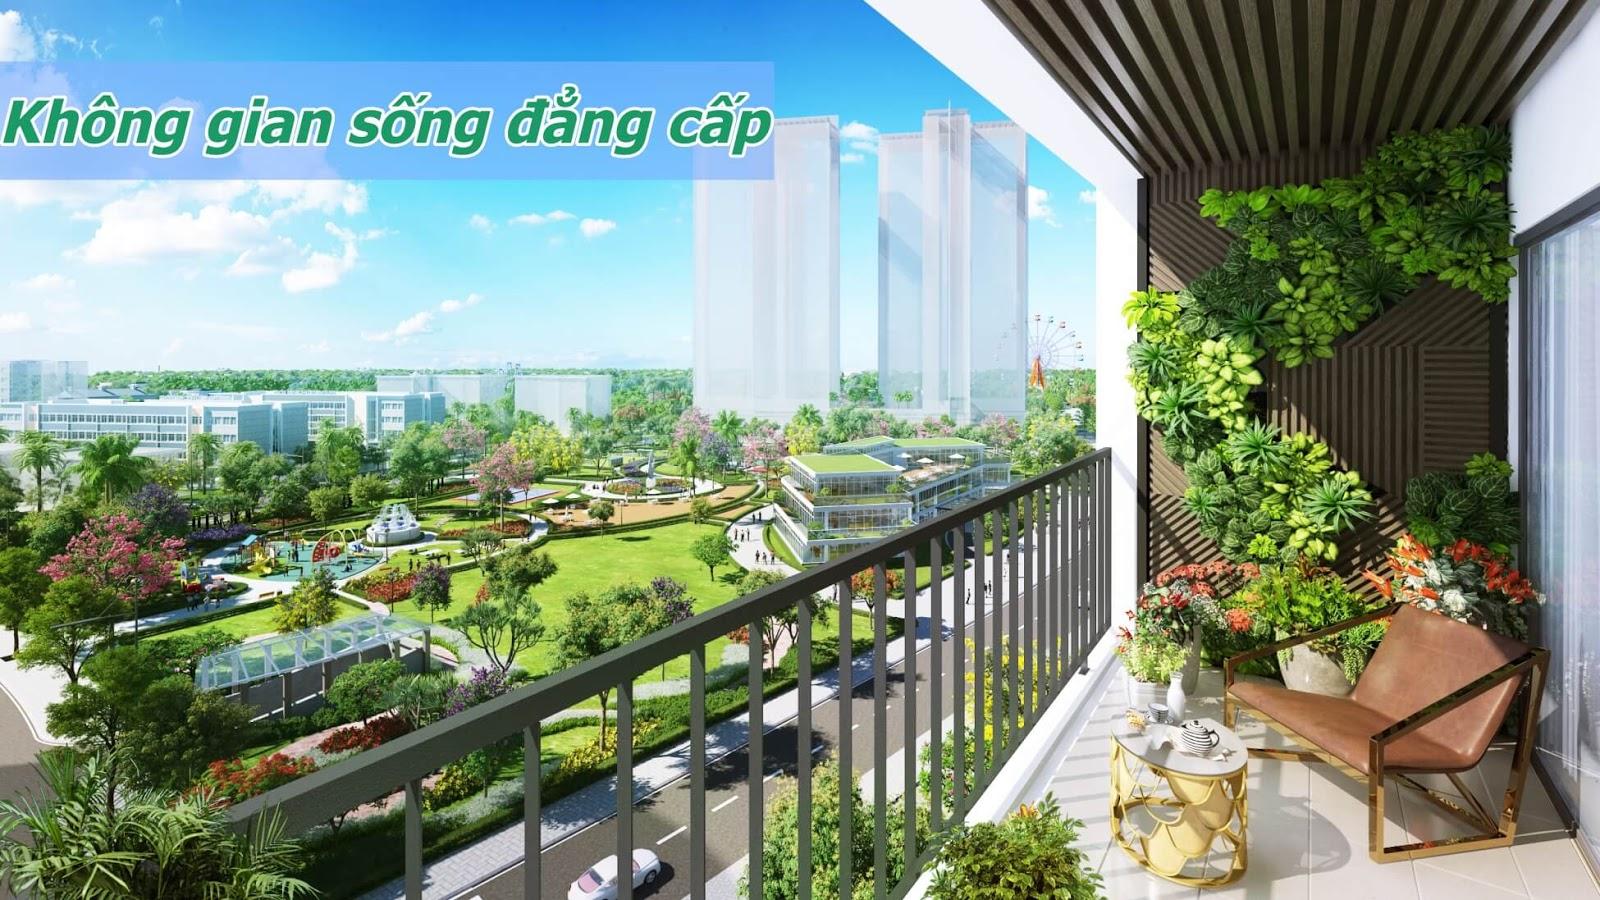 Không gian sống đẳng cấp tại chung cư Rose Town Hoàng Mai